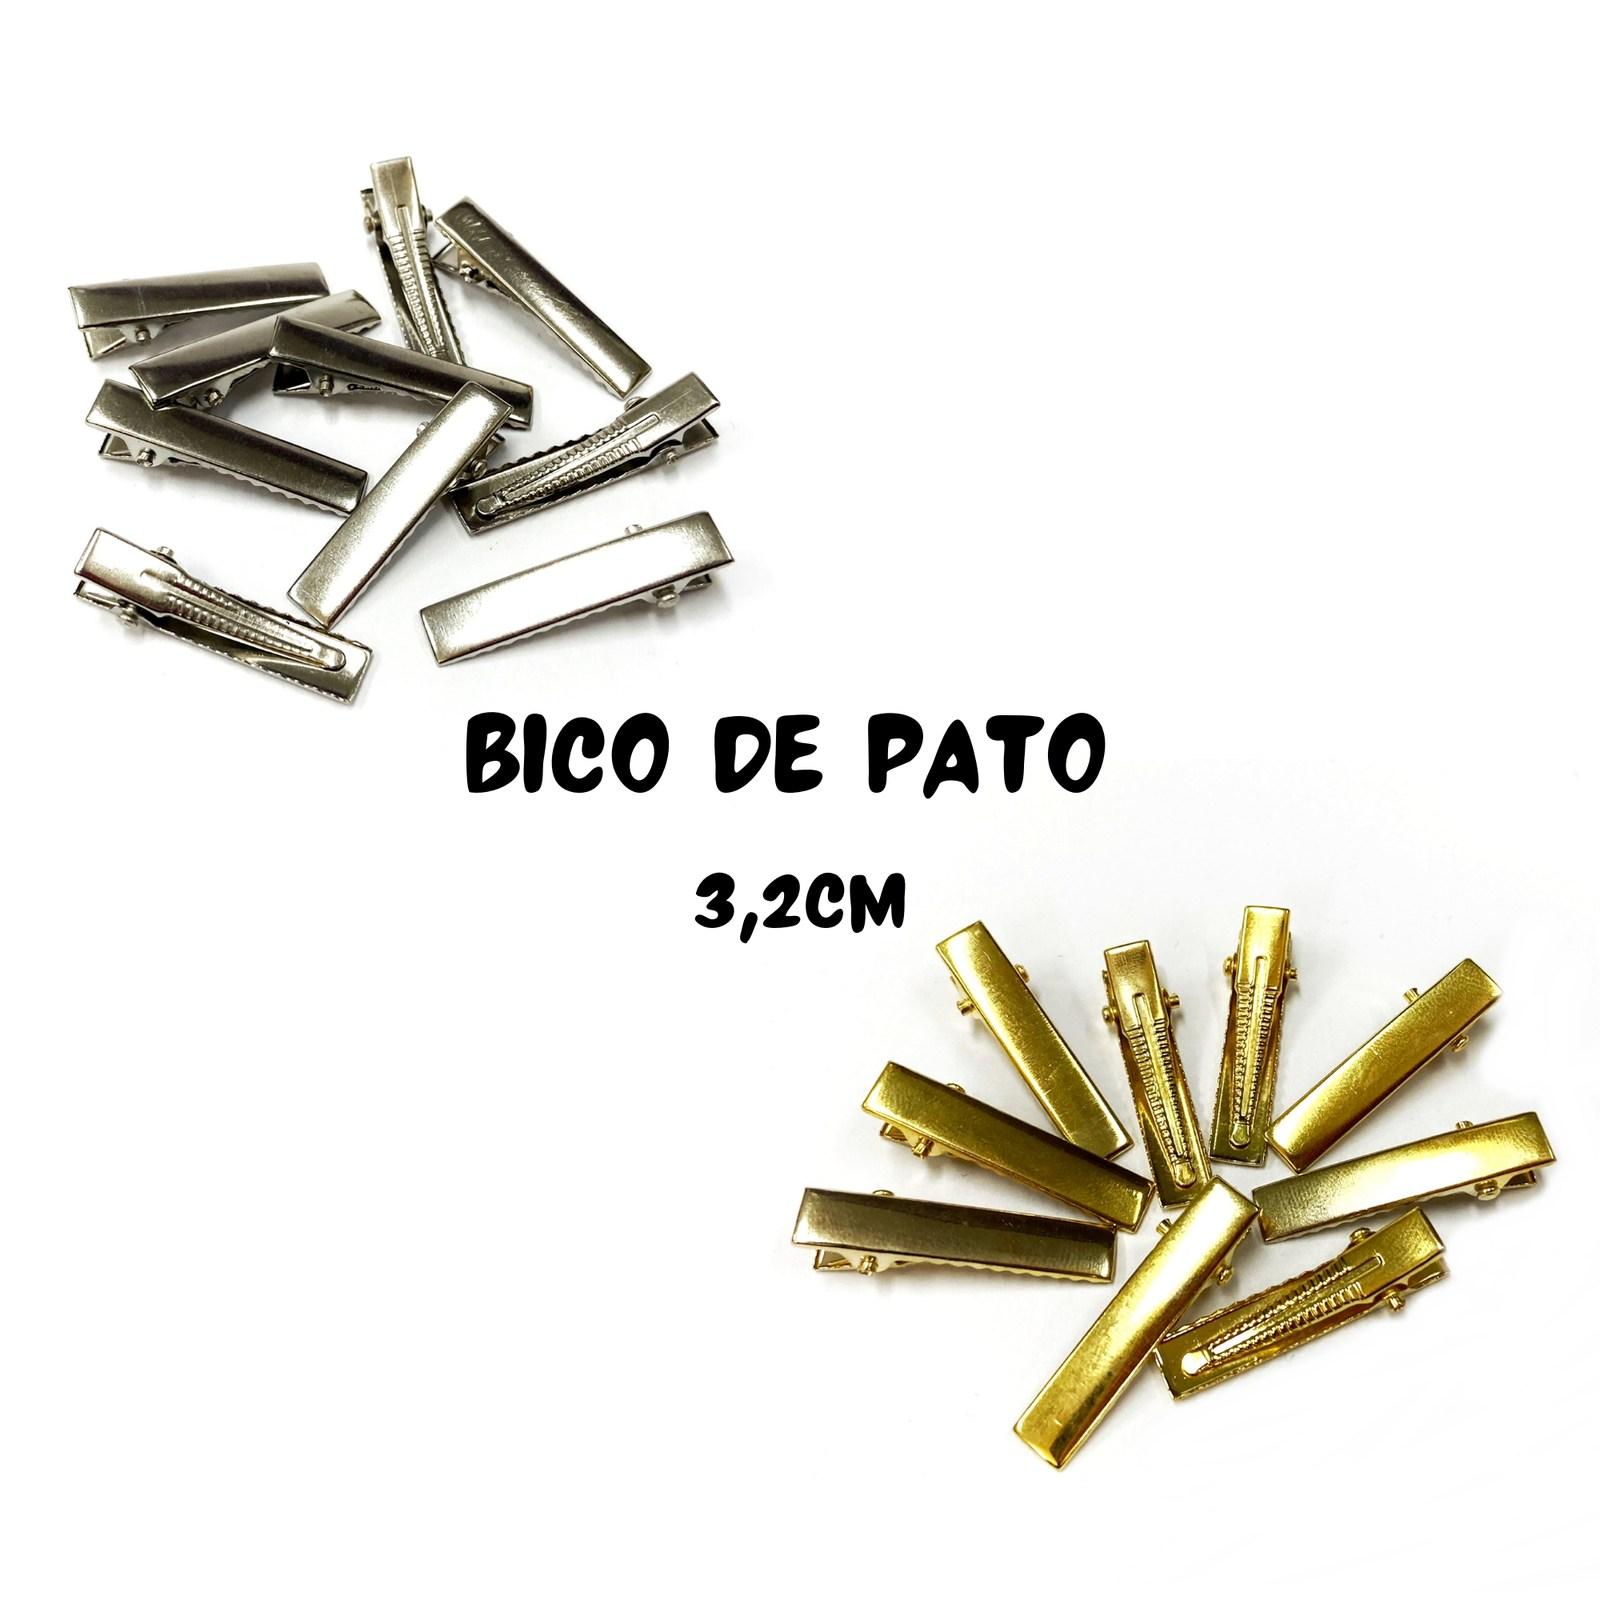 Bico de Pato 3,2cm - 10 unidades